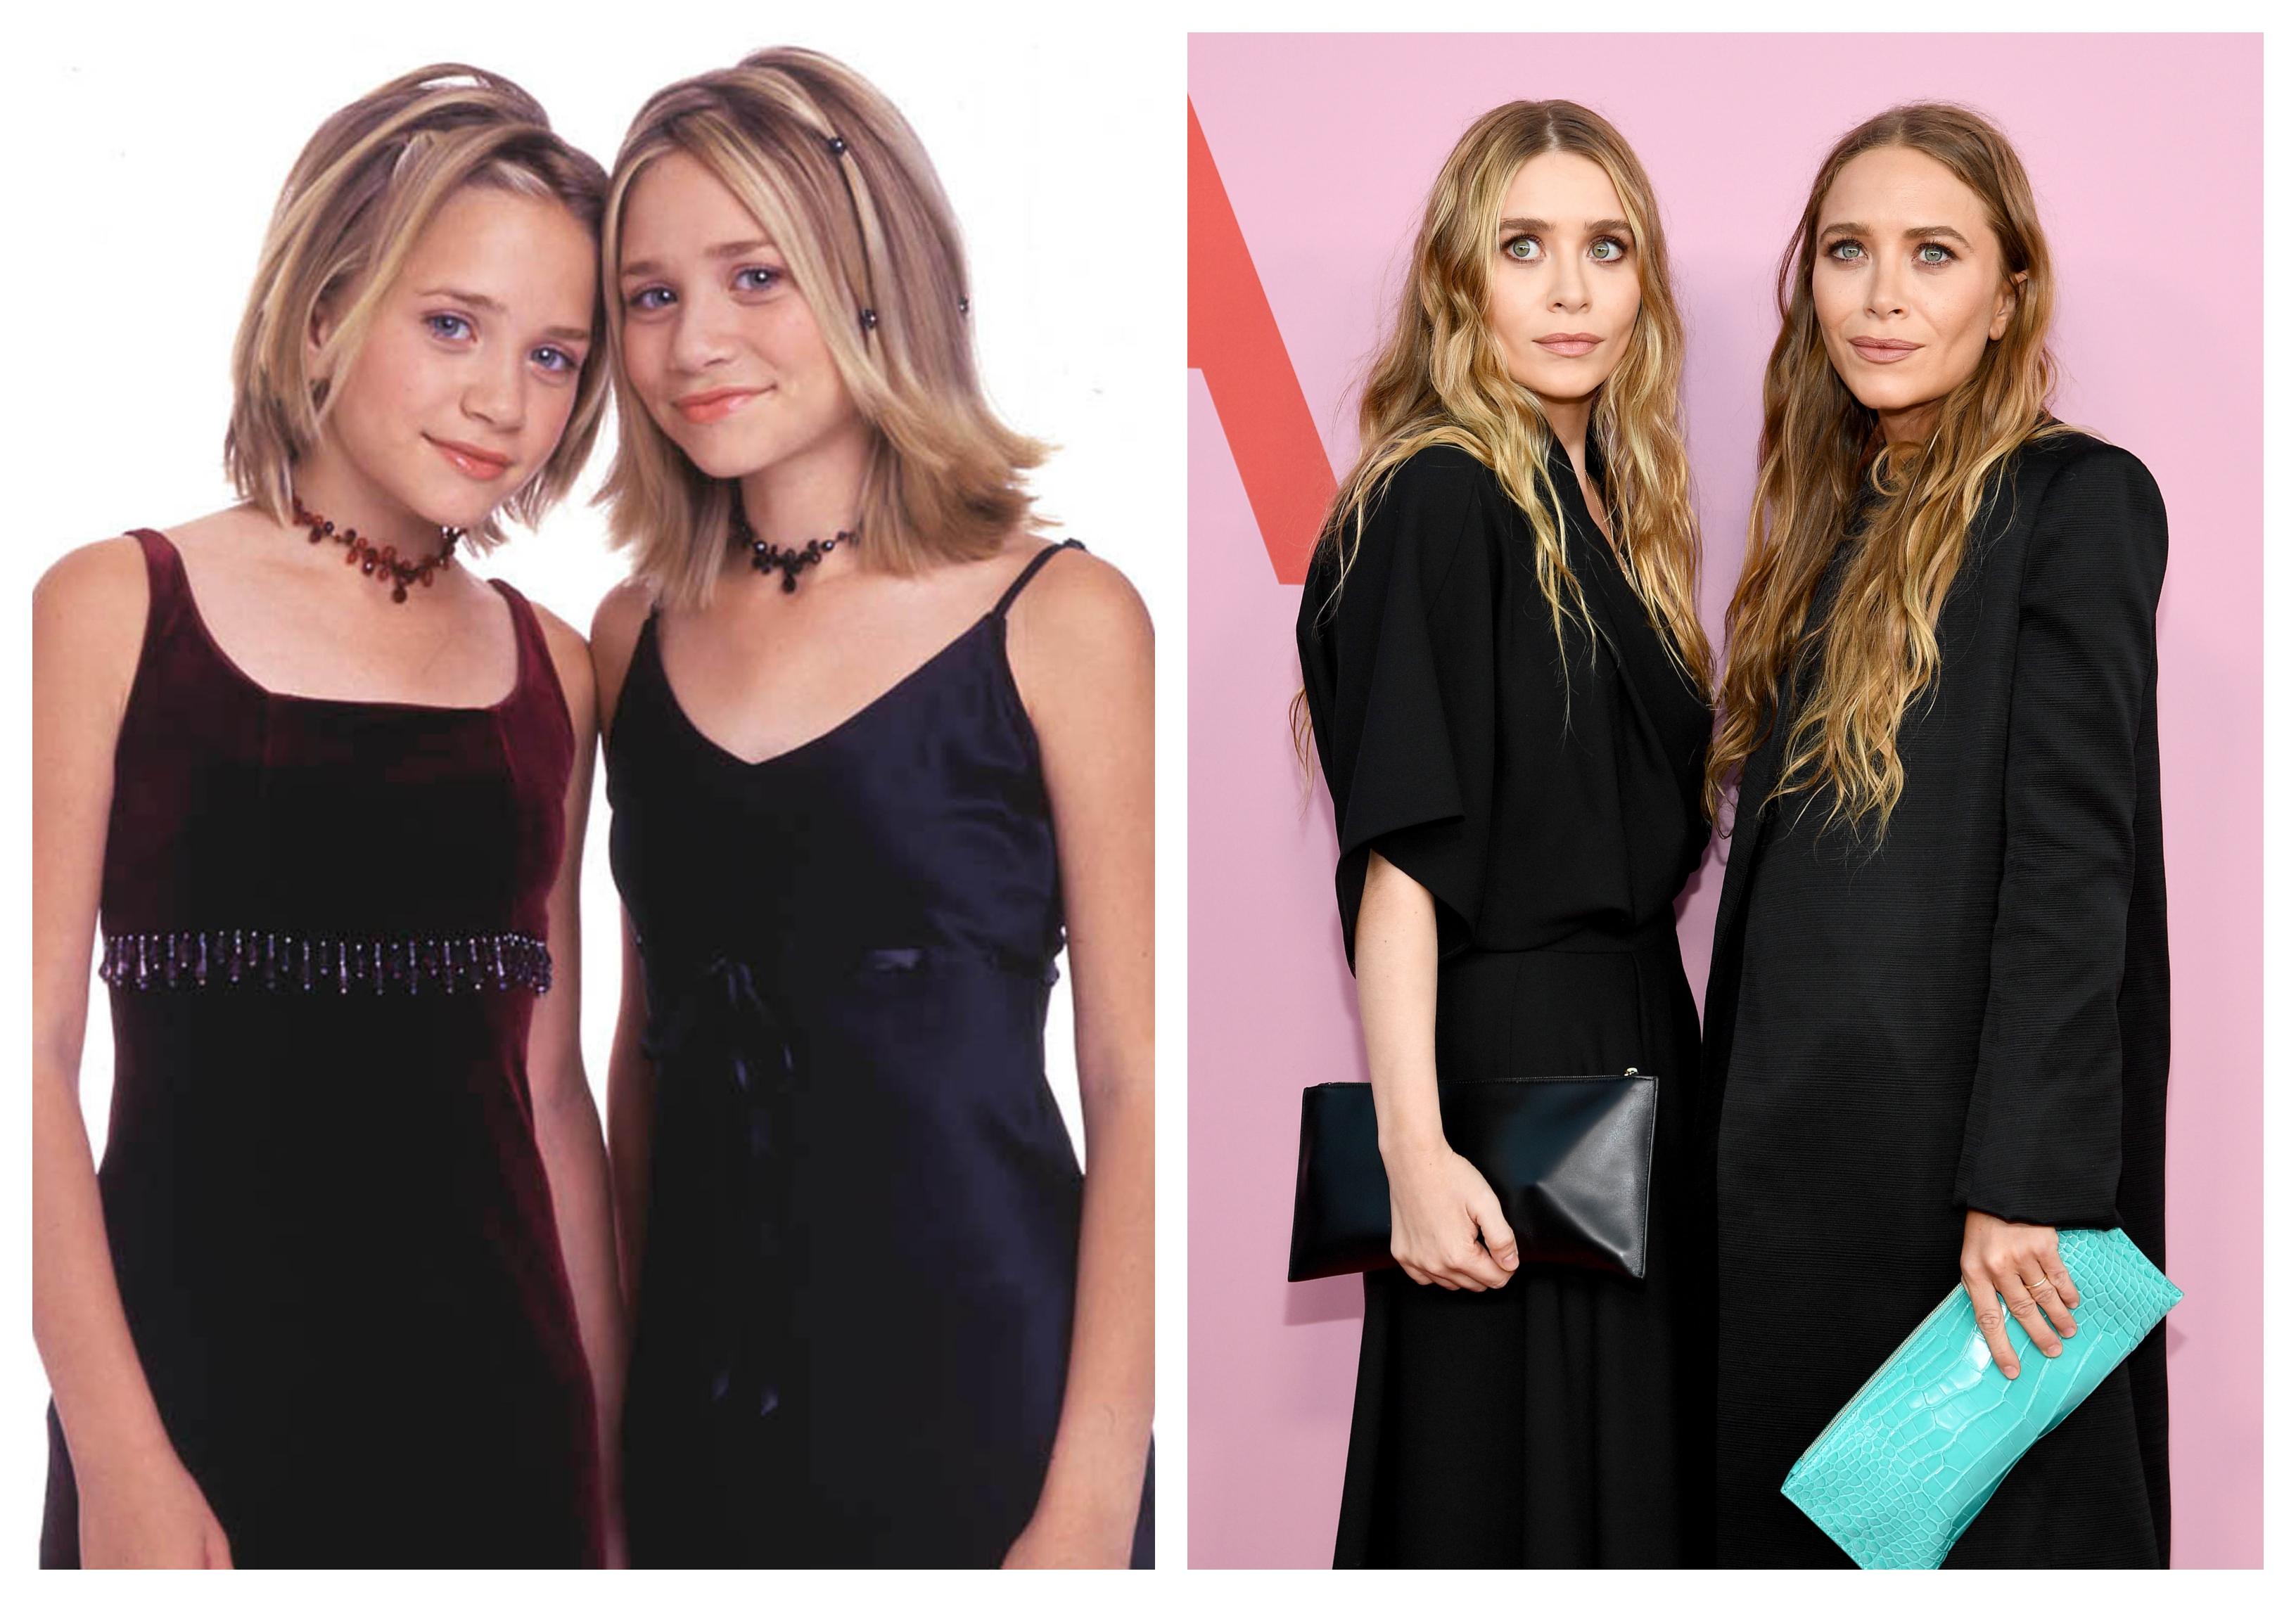 <p><strong>Мери-Кейт и Ашли Оусън&nbsp;</strong> - Двете добиват световна слава с ролята на Мишел в сериала &bdquo;Пълна къща&ldquo;. Следват няколко филма, в които двете близначки си партнират. Ашли спира да се снима в киното след 2004 г., а сестра ѝ има още няколко проекта. Днес двете са известни повече със собствената си модна линия.&nbsp;</p>